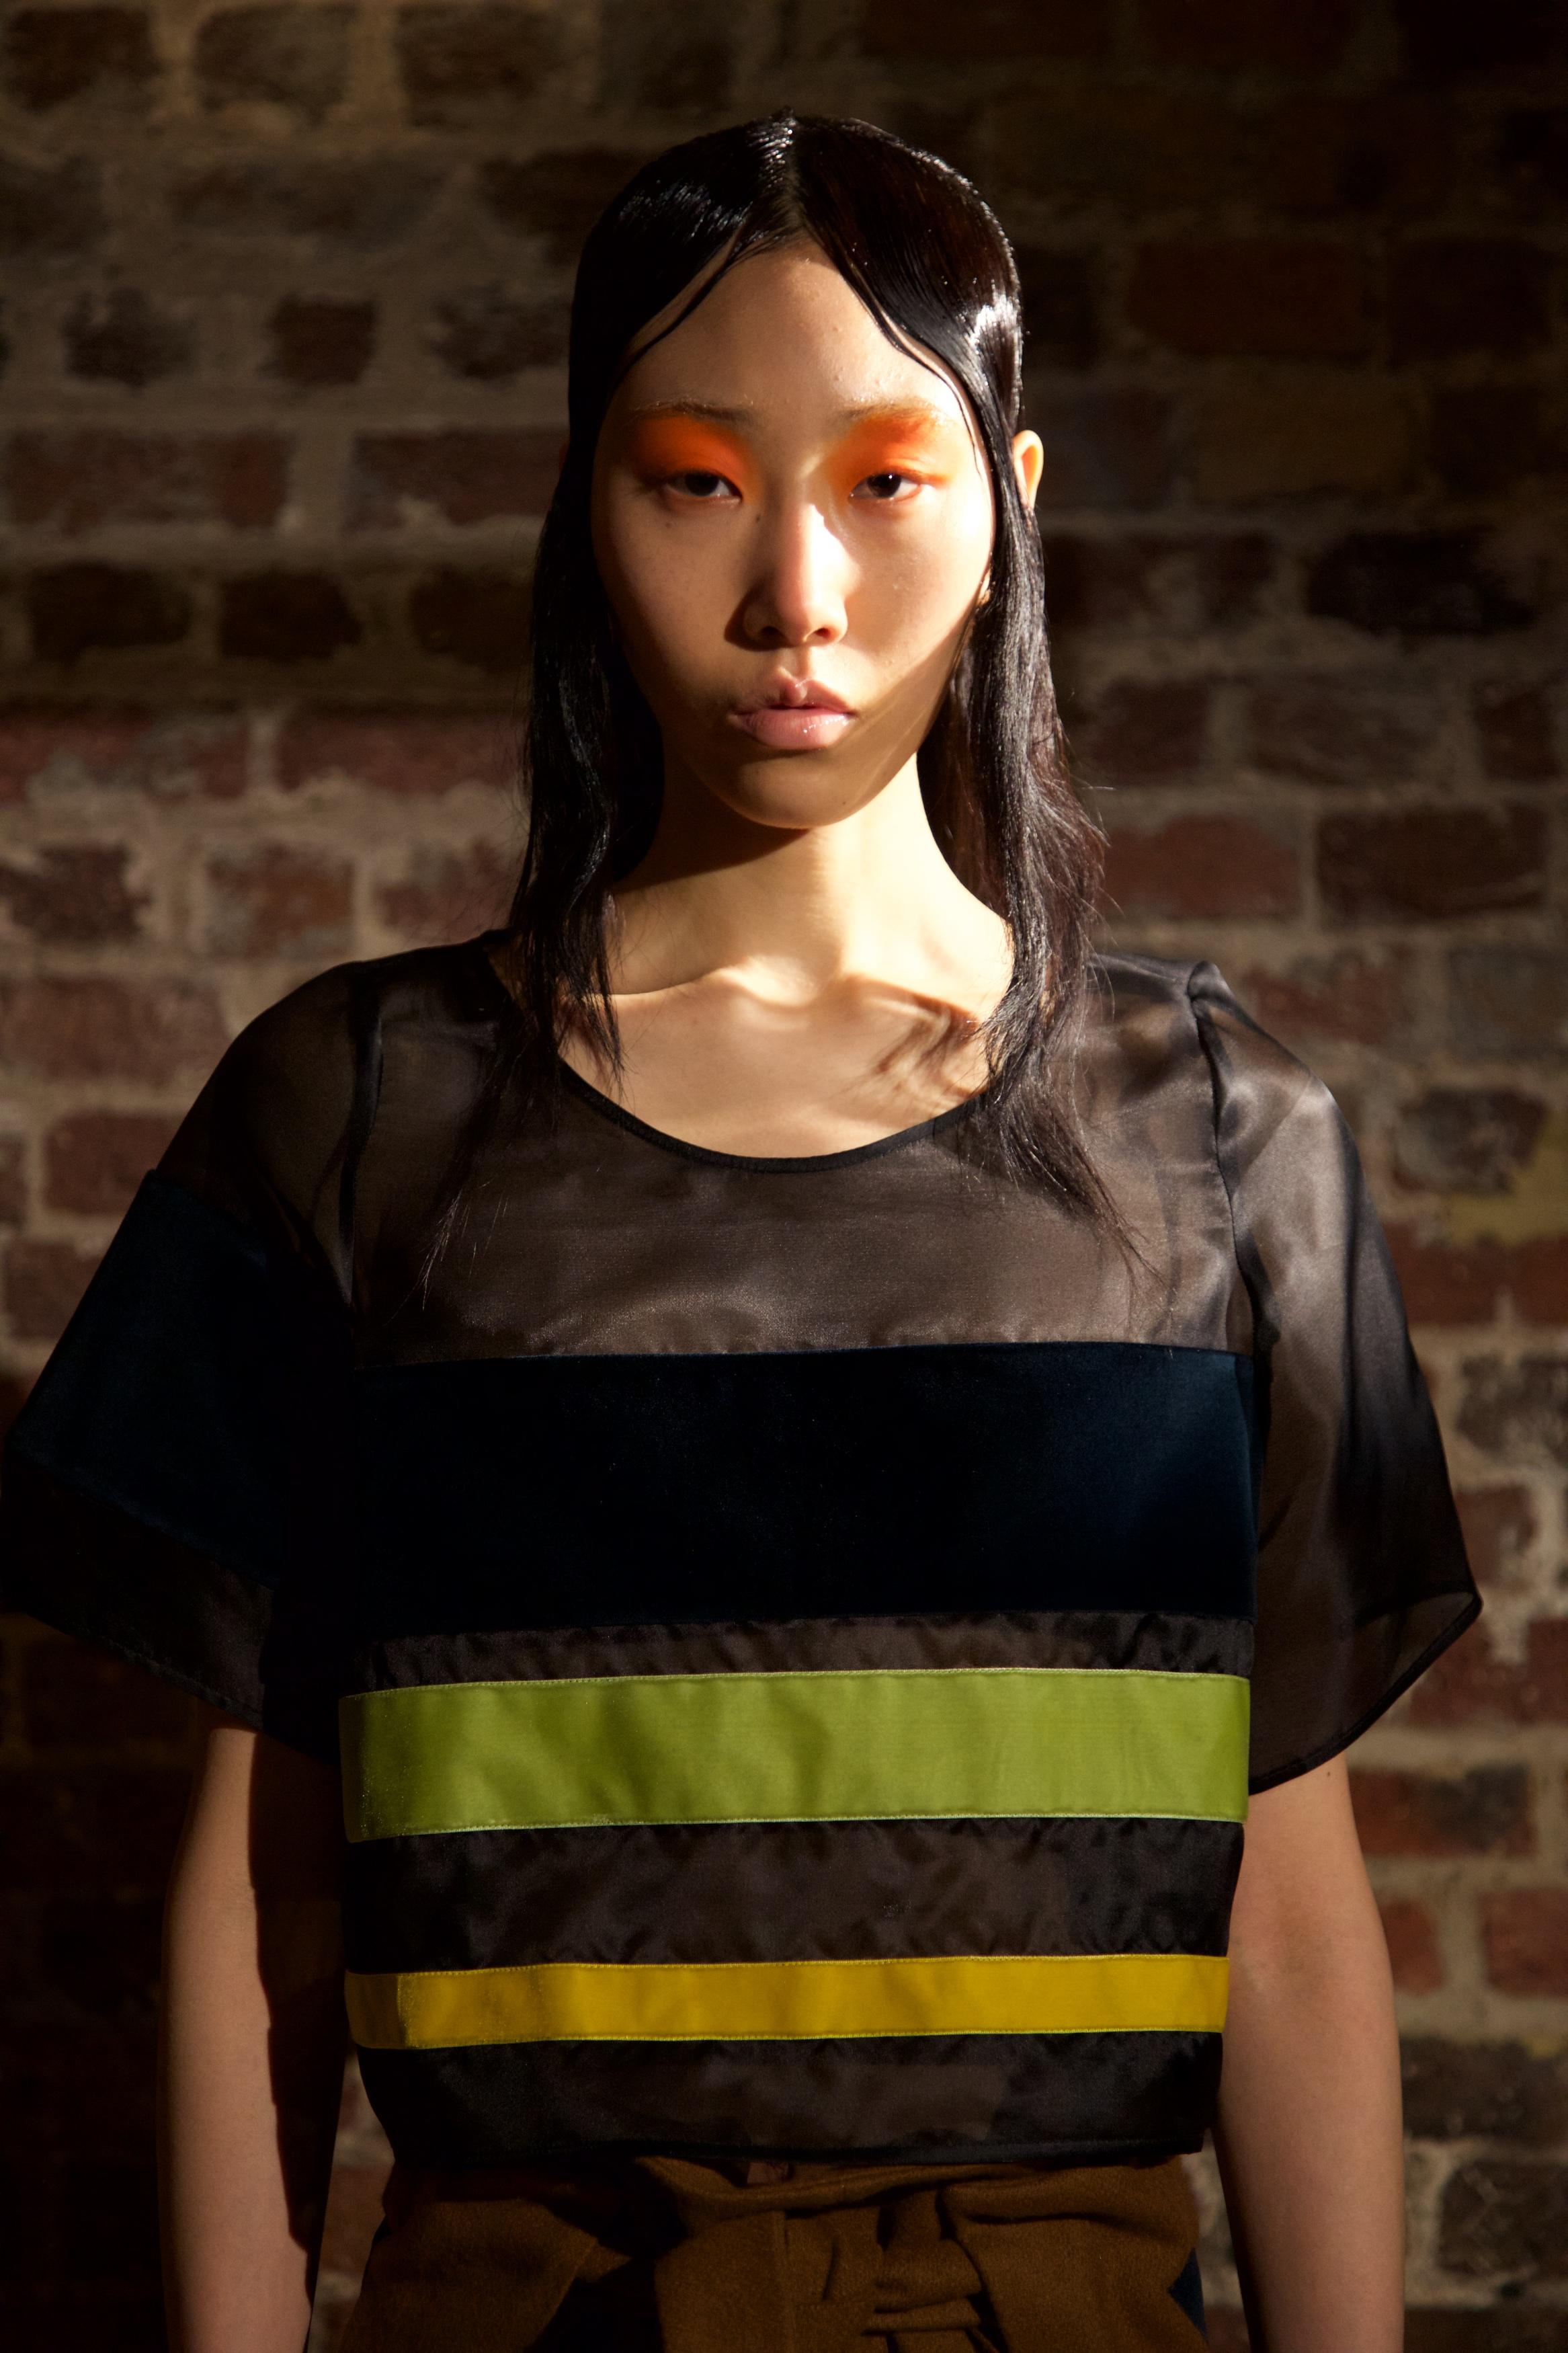 Judy Wu A-W 17 © Marc Aitken 2017 22017-02-172017.jpg